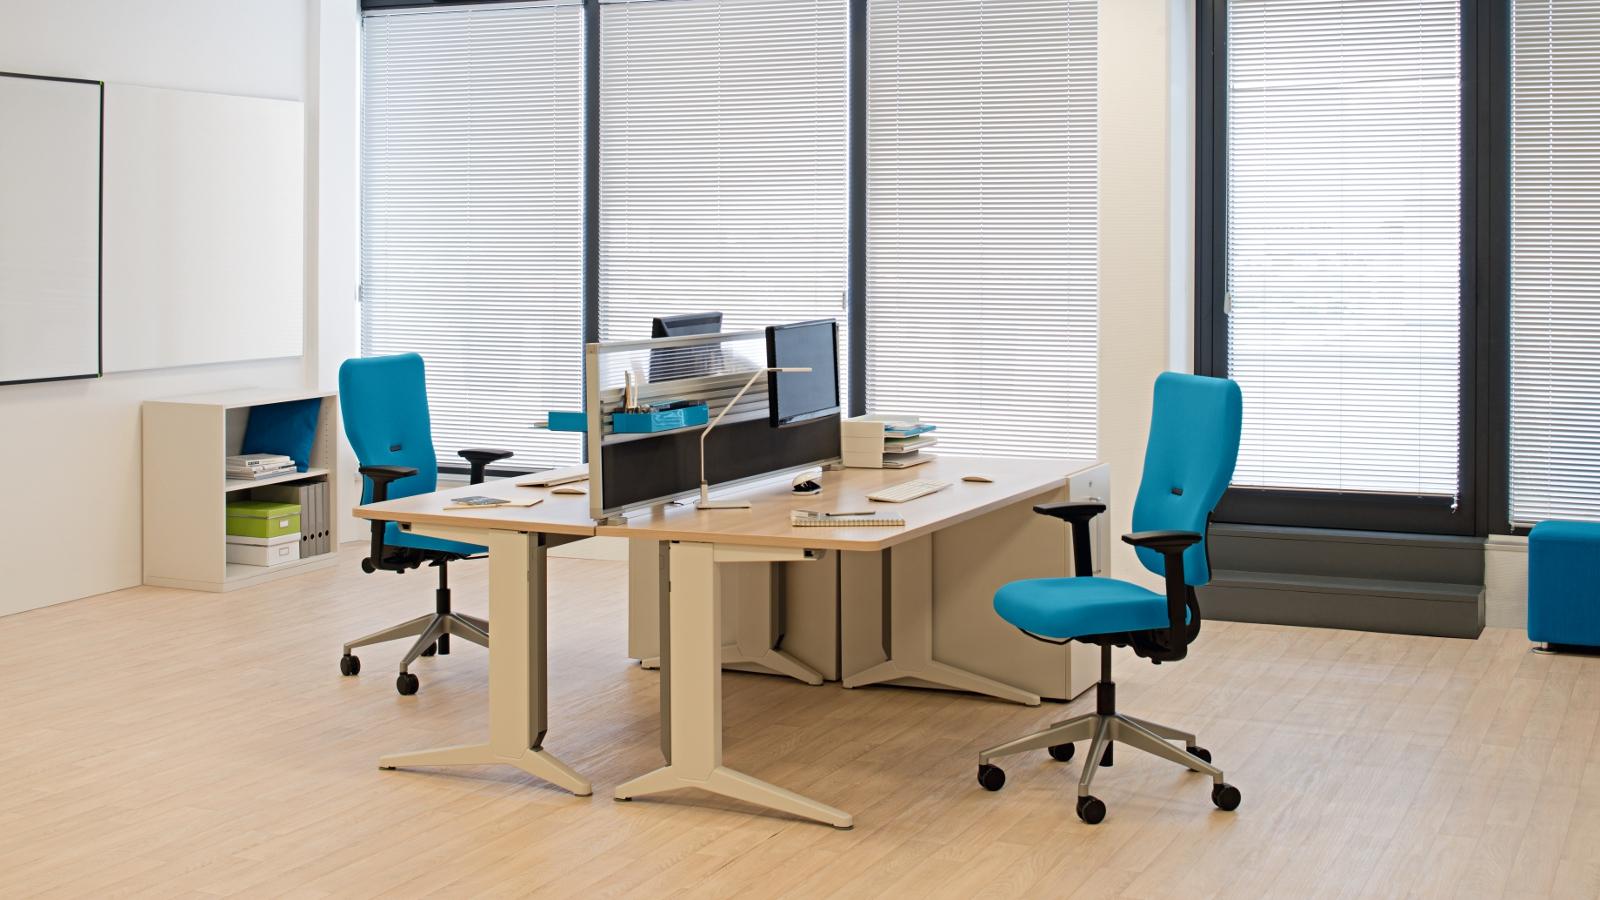 Silla Let's B sillas de escritorio ergonómicas